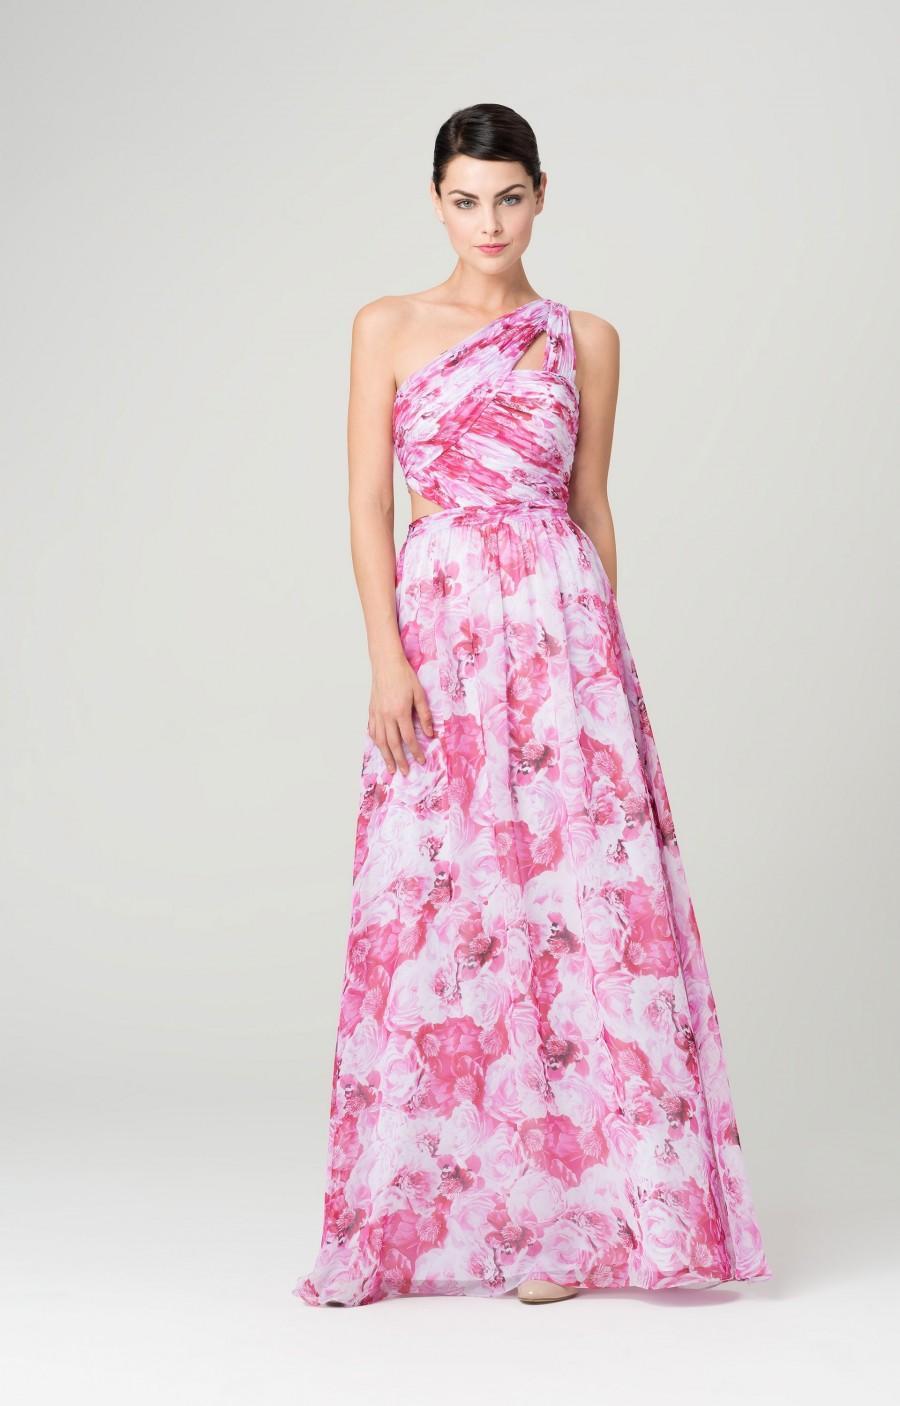 Boda - Aidan Mattox - A97160 - Elegant Evening Dresses